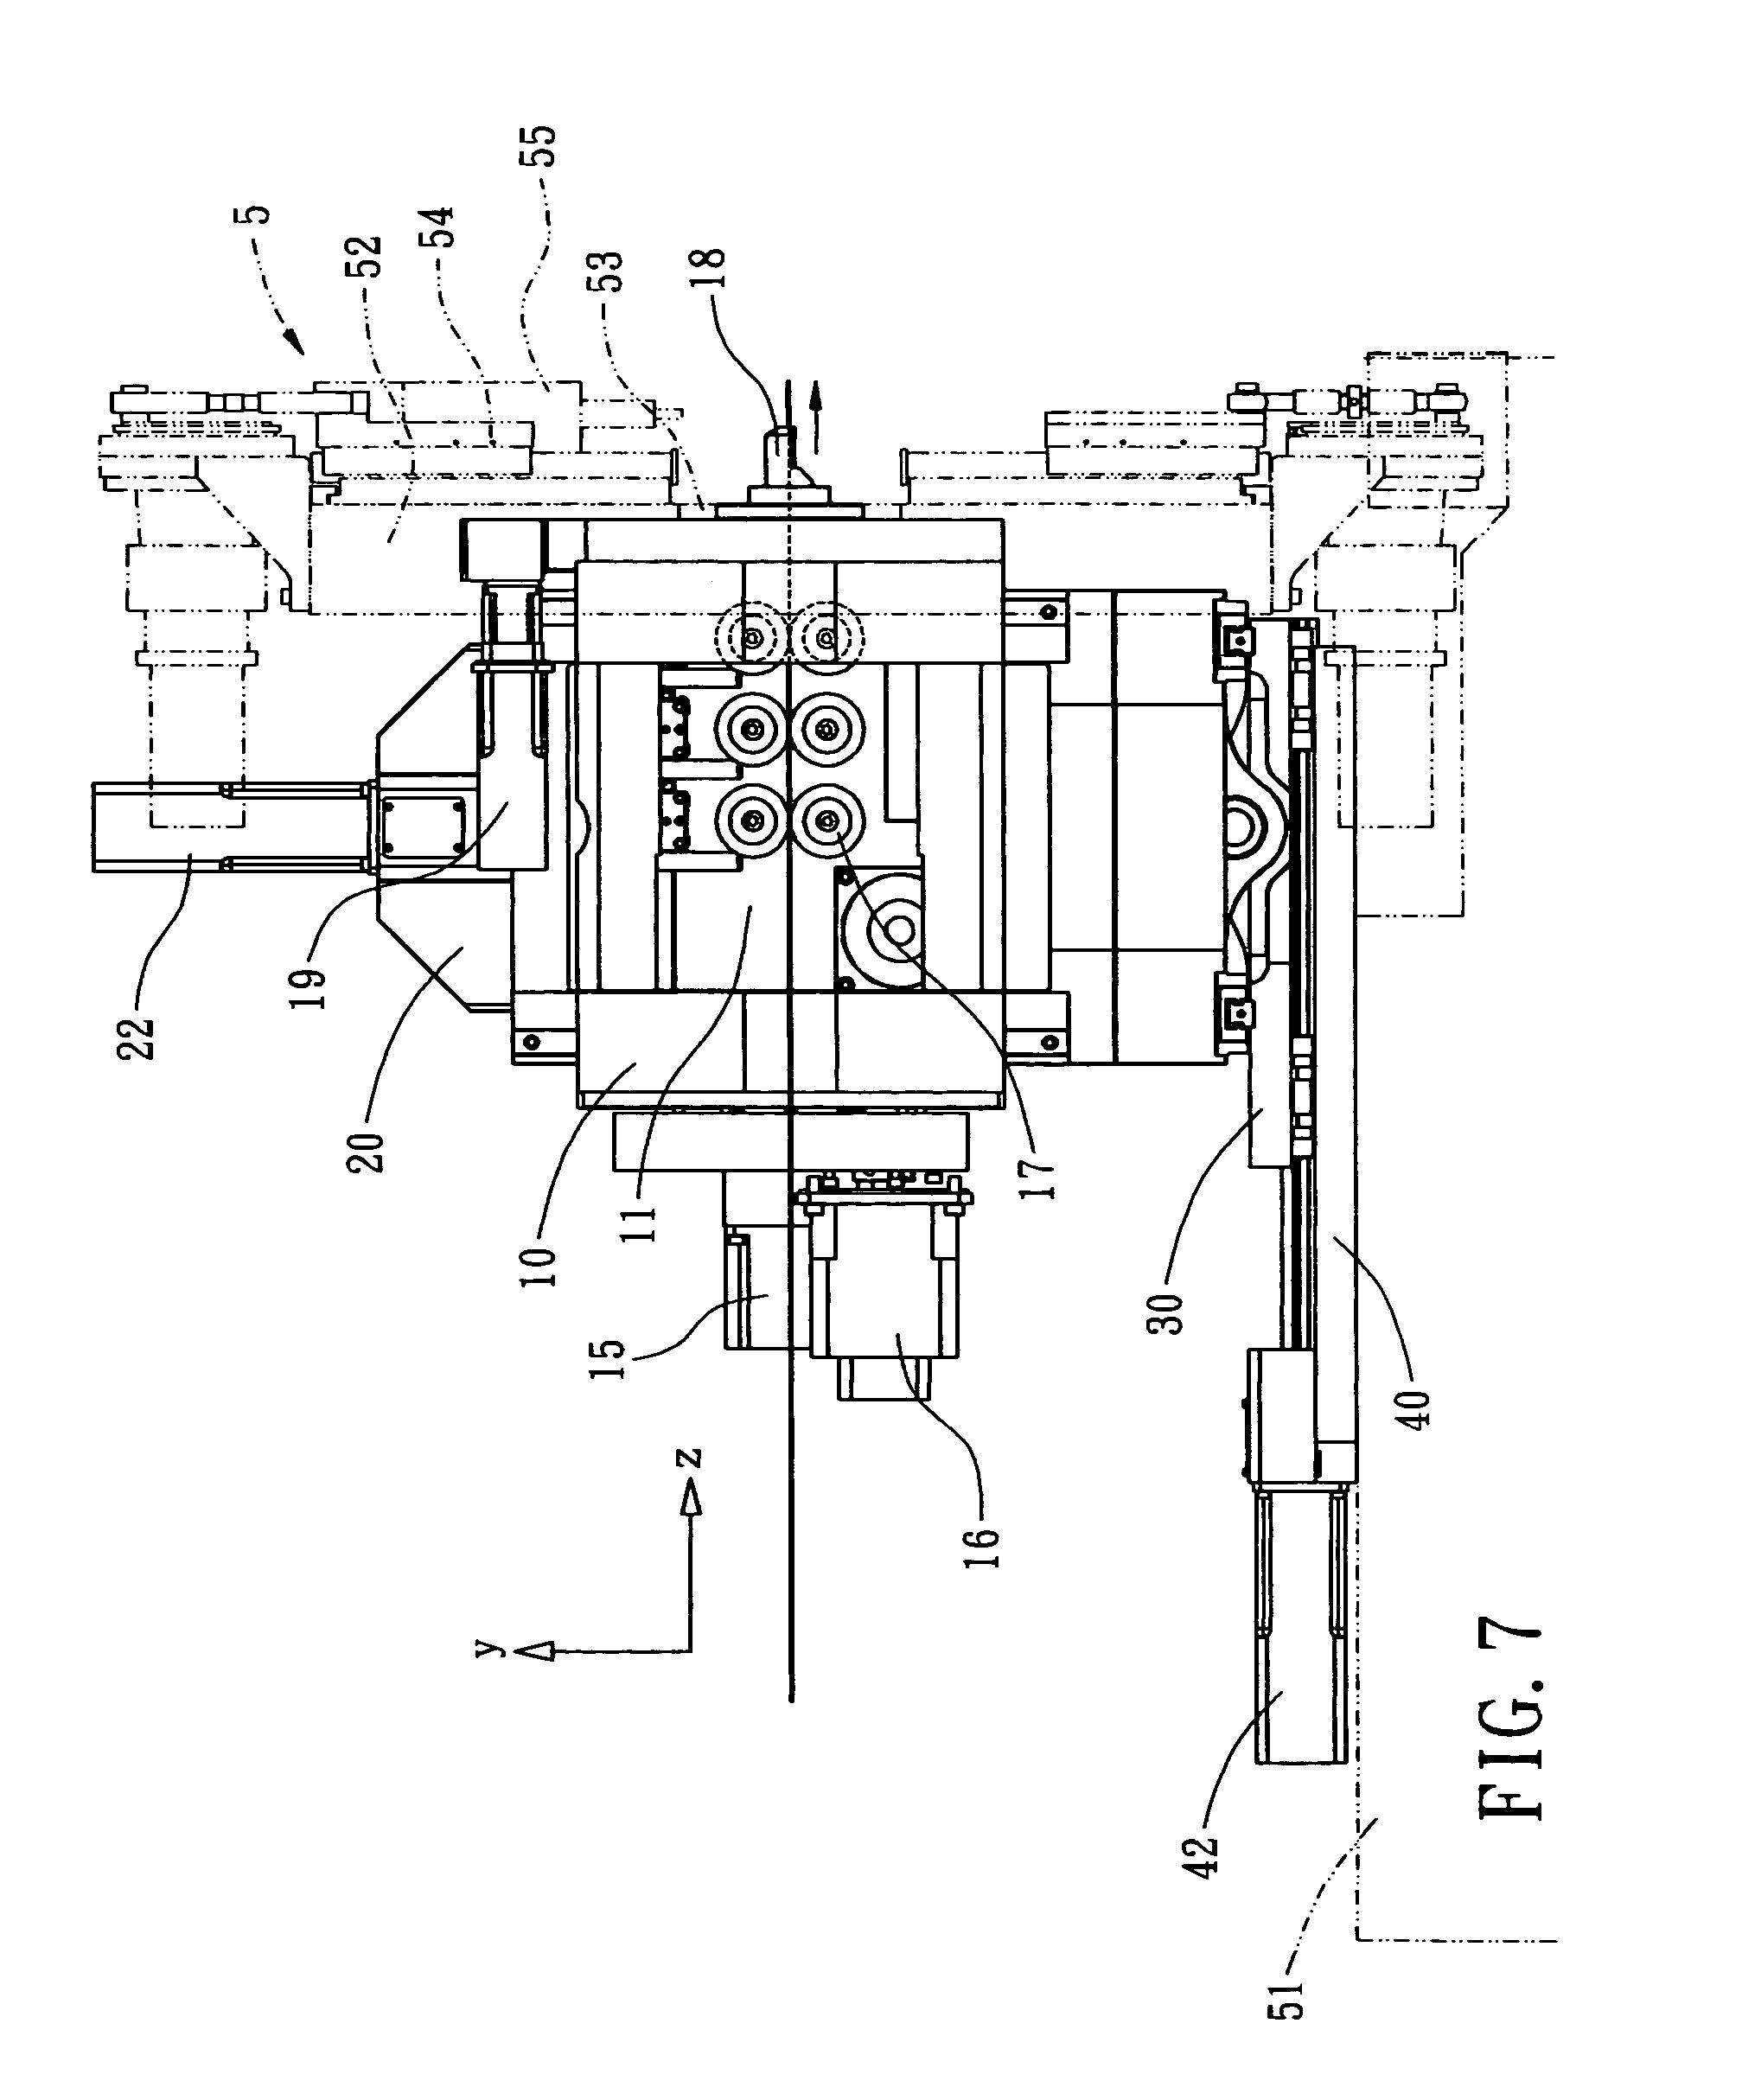 miller 115  240 wiring diagram